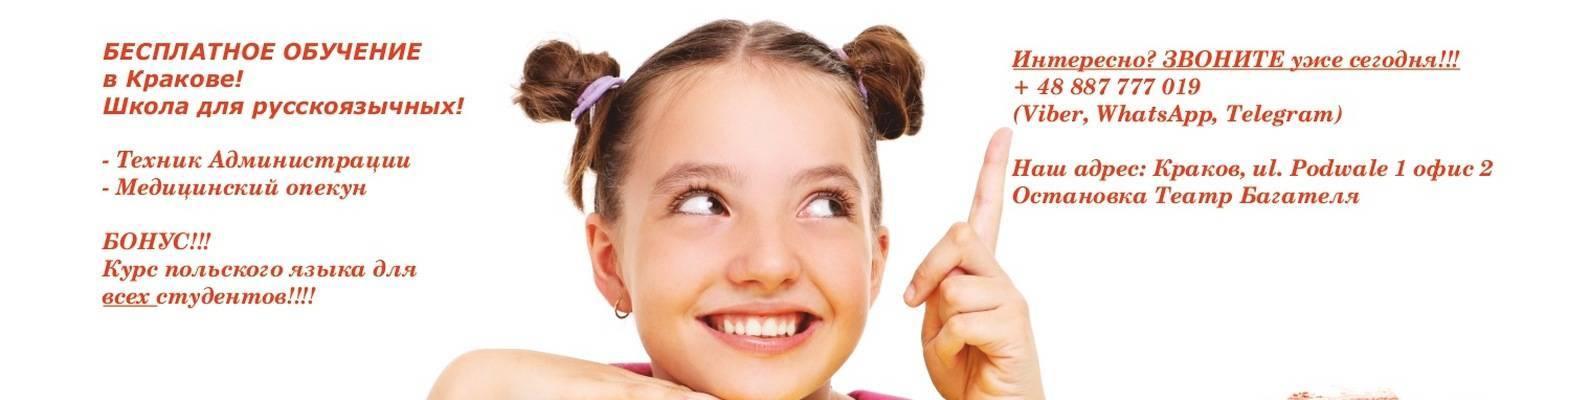 Курсы польского языка в польше: годичные, бесплатные и летние языковые школы для украинцев и белорусов, виза и иммиграция